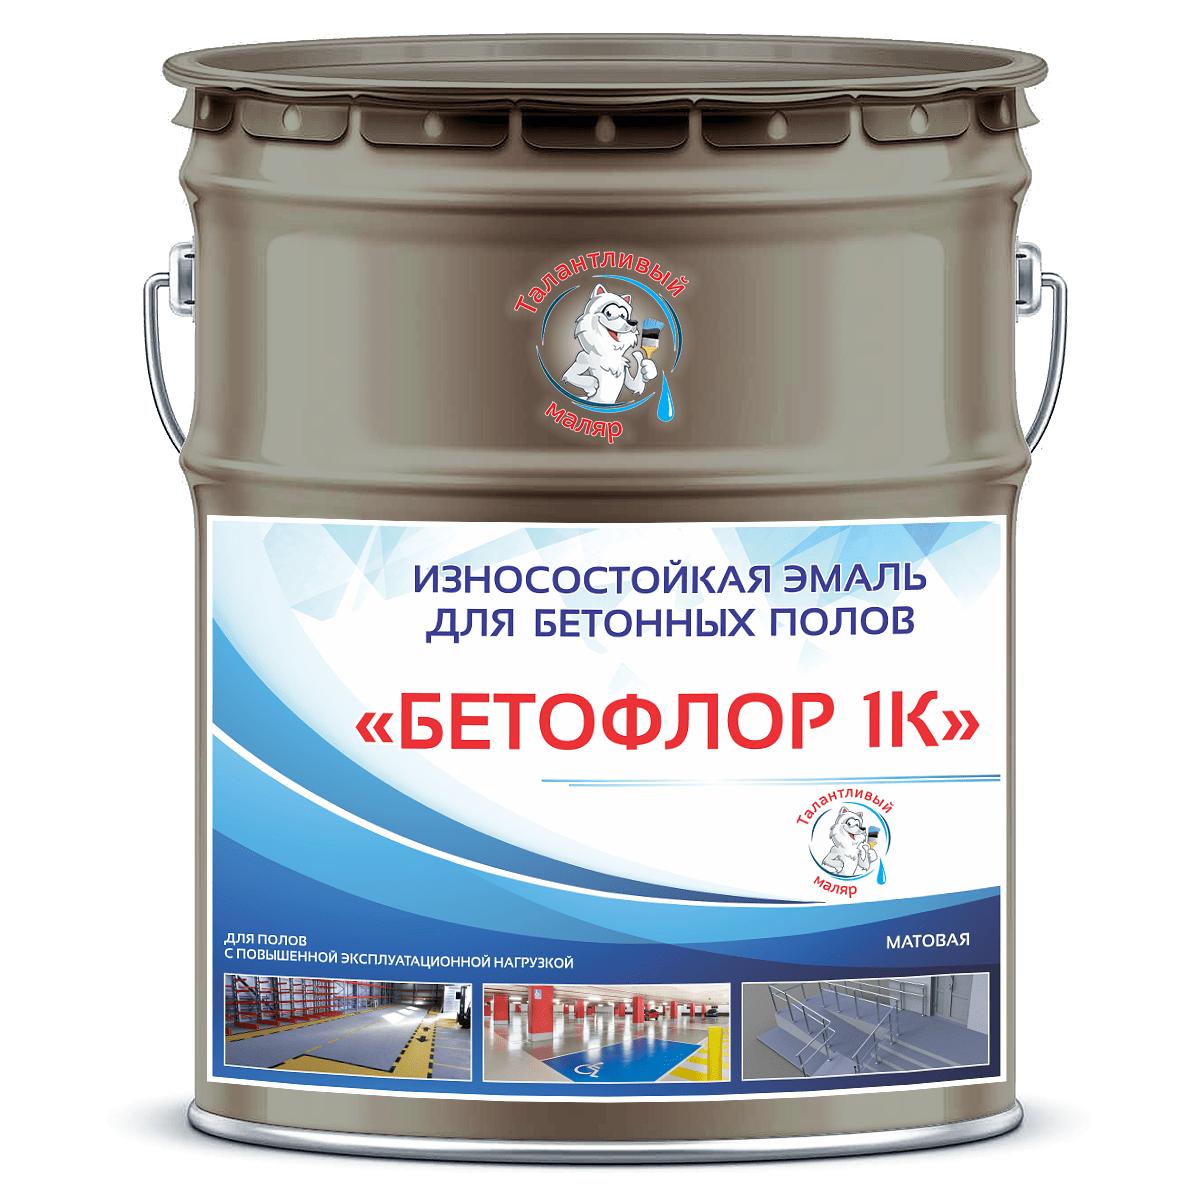 """Фото 7 - BF7006 Эмаль для бетонных полов """"Бетофлор"""" 1К цвет RAL 7006 Бежево-серый, матовая износостойкая, 25 кг """"Талантливый Маляр""""."""